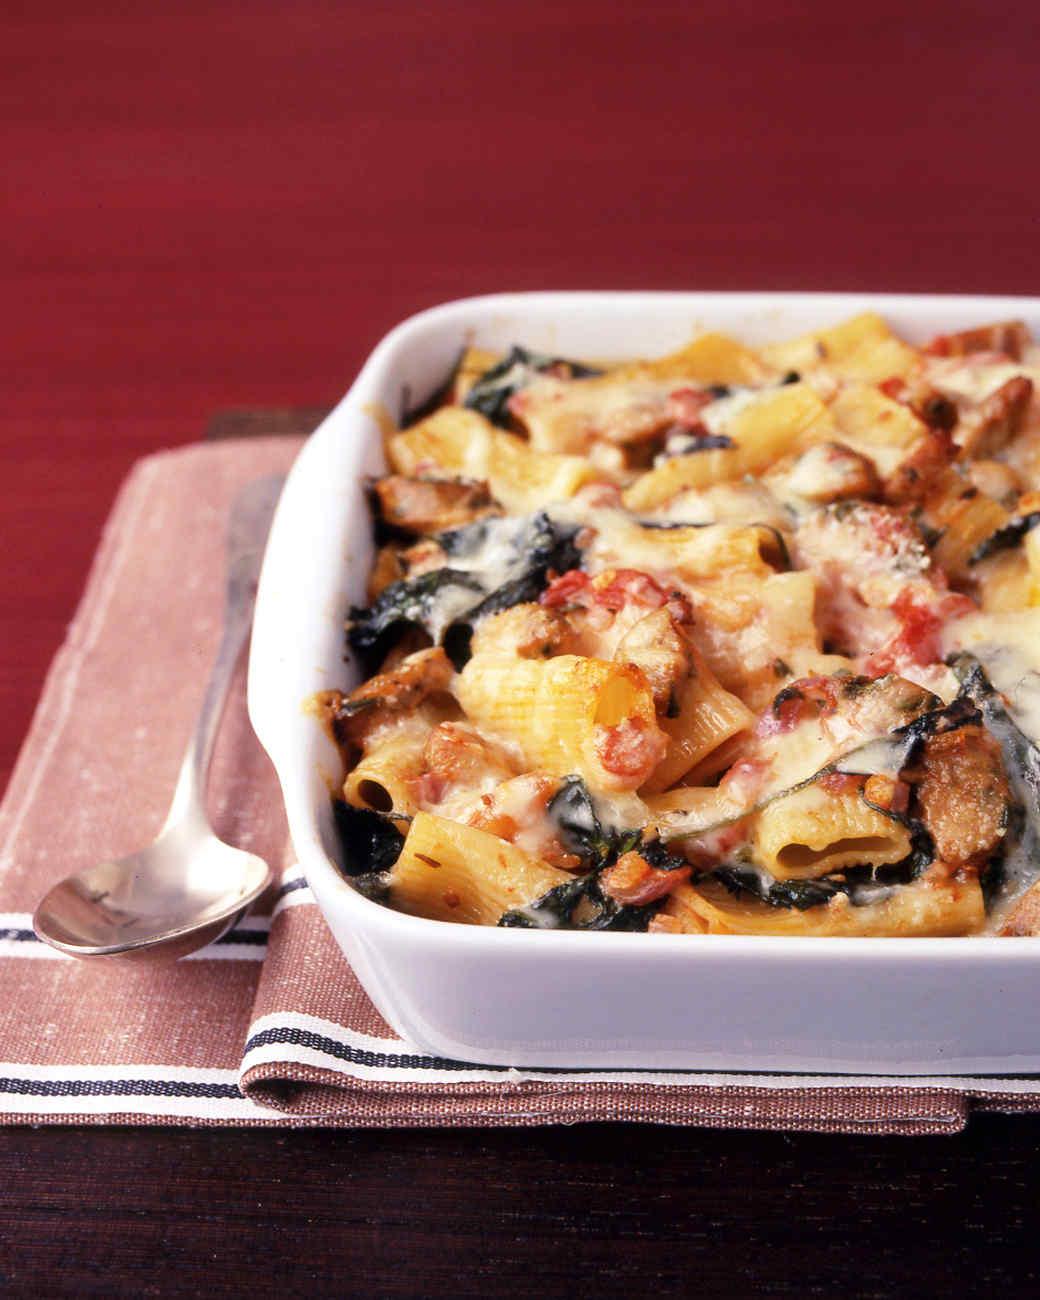 Baked Pasta with Chicken Sausage Recipe & Video | Martha Stewart